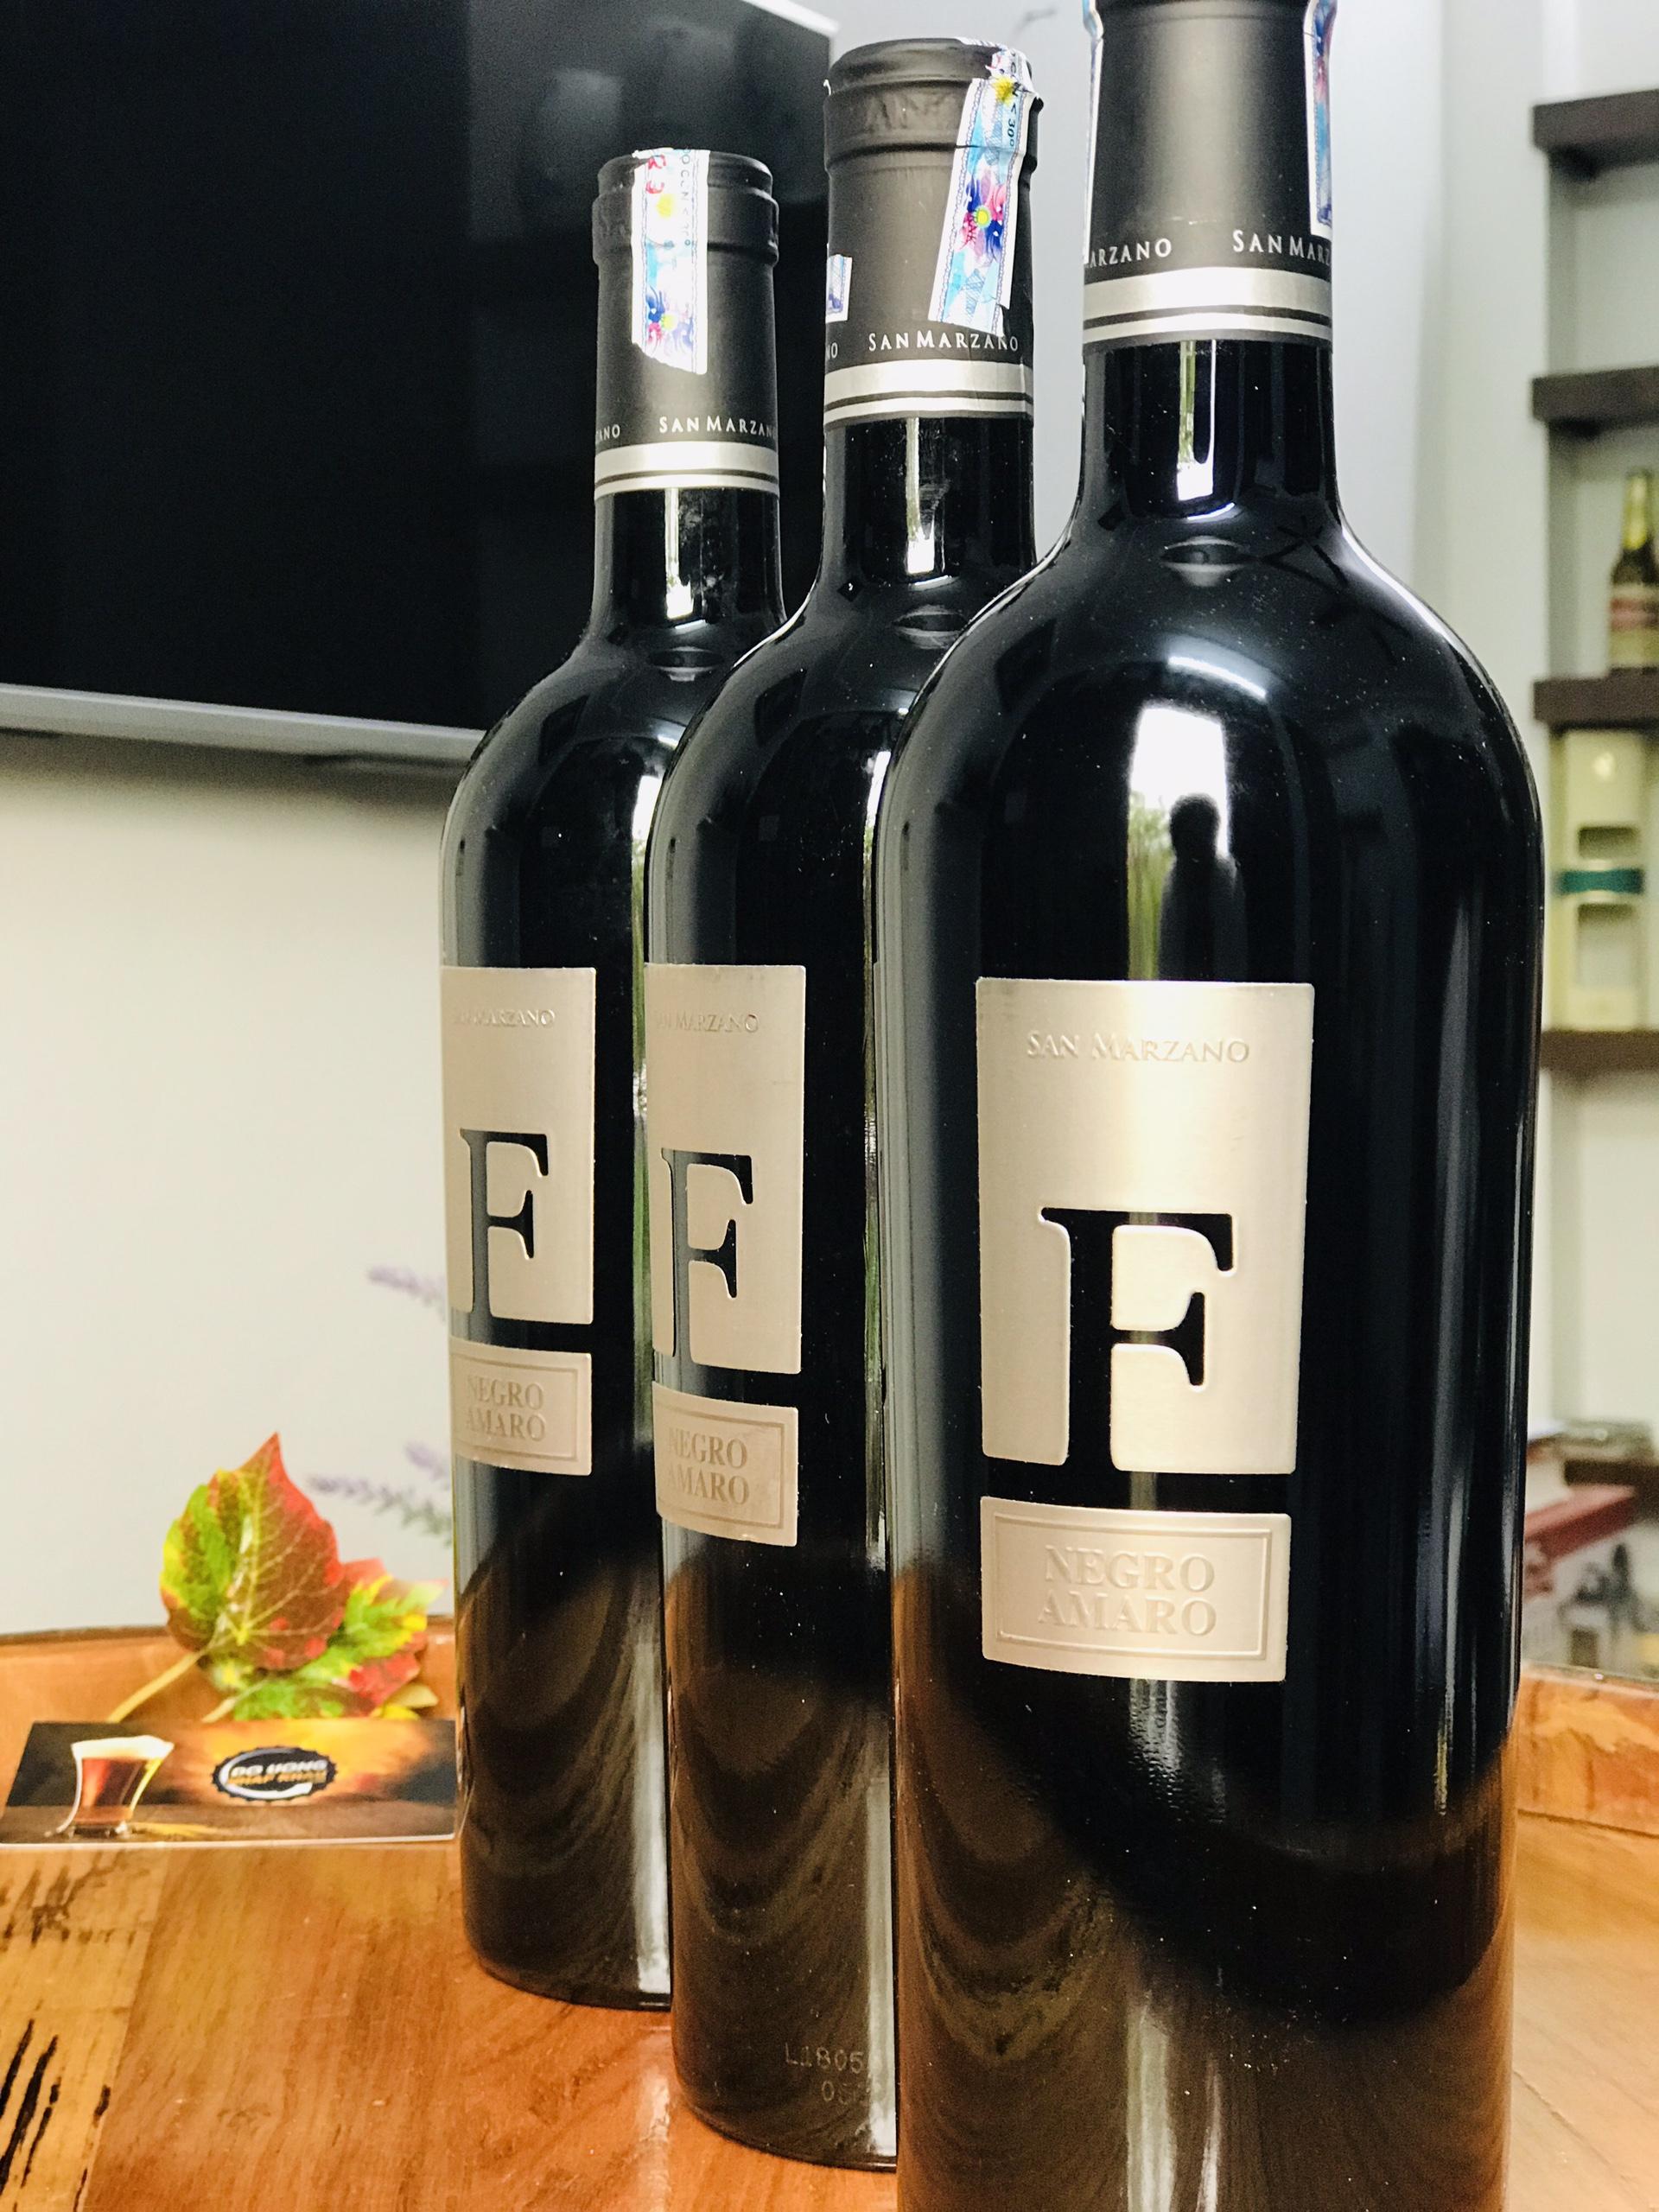 Vang F Negroamaro là một trong những chai vang tự hào nhất của San Marzano